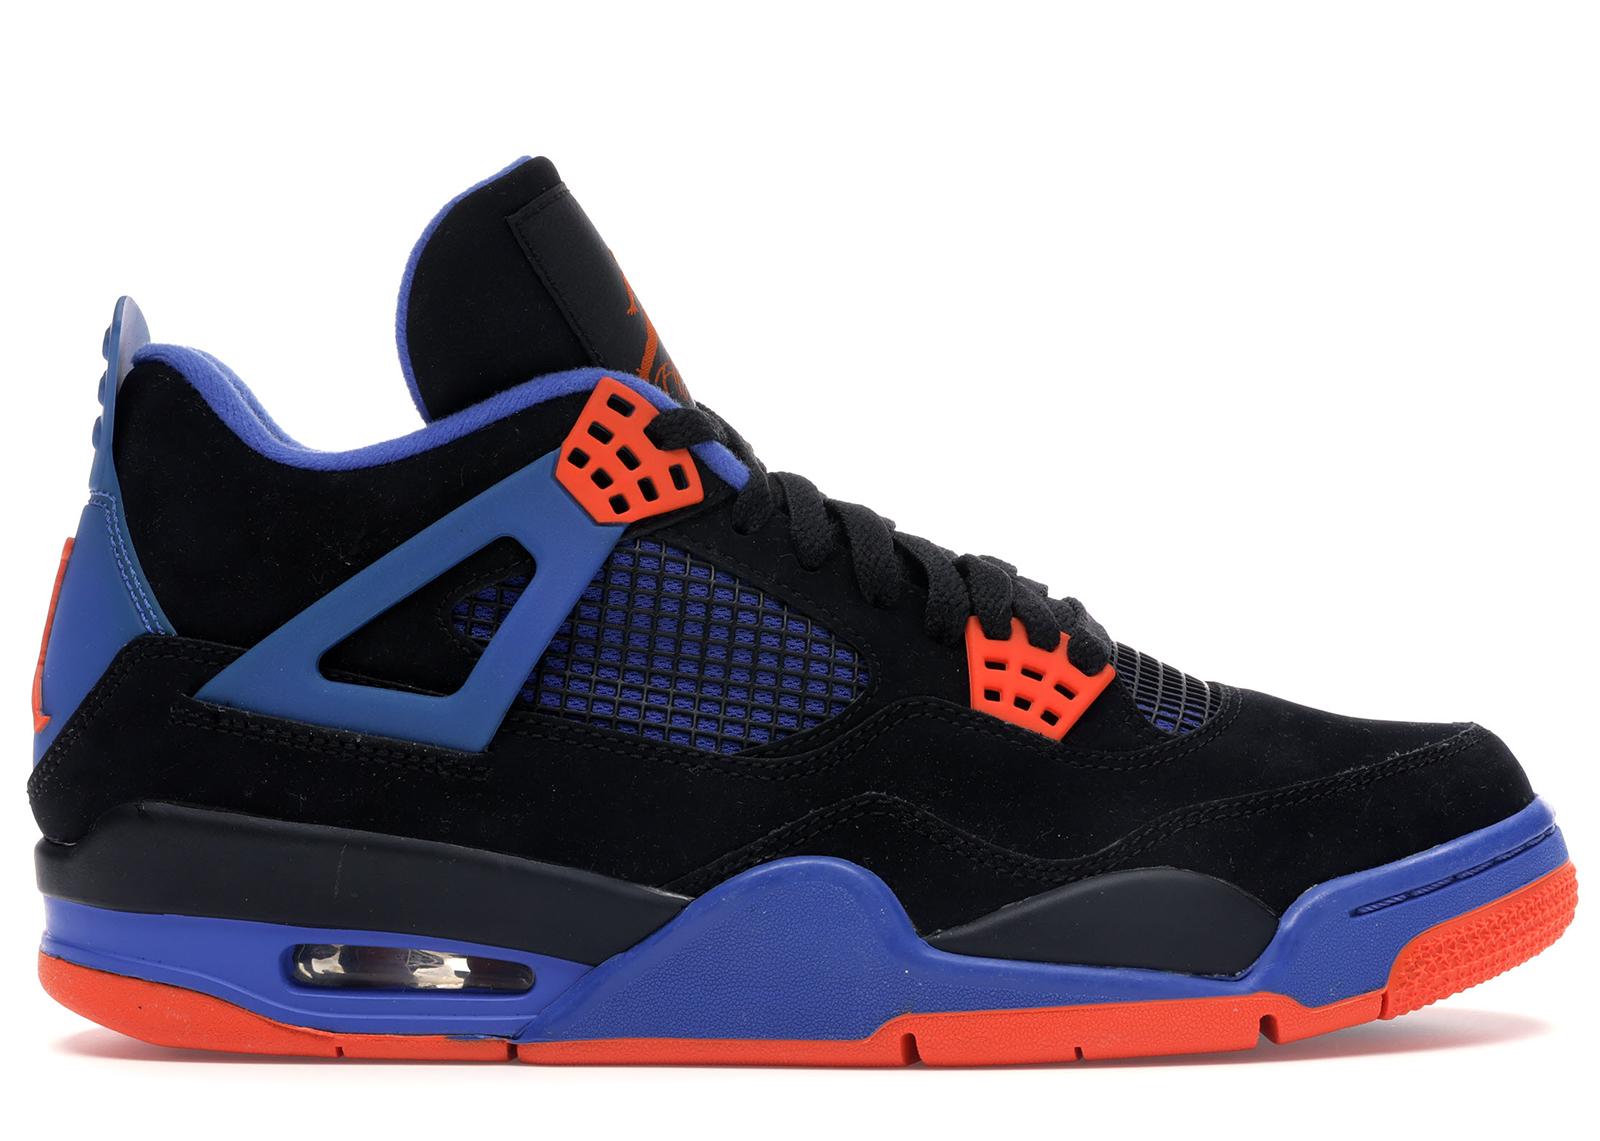 Jordan 4 Retro Cavs - 308497-027